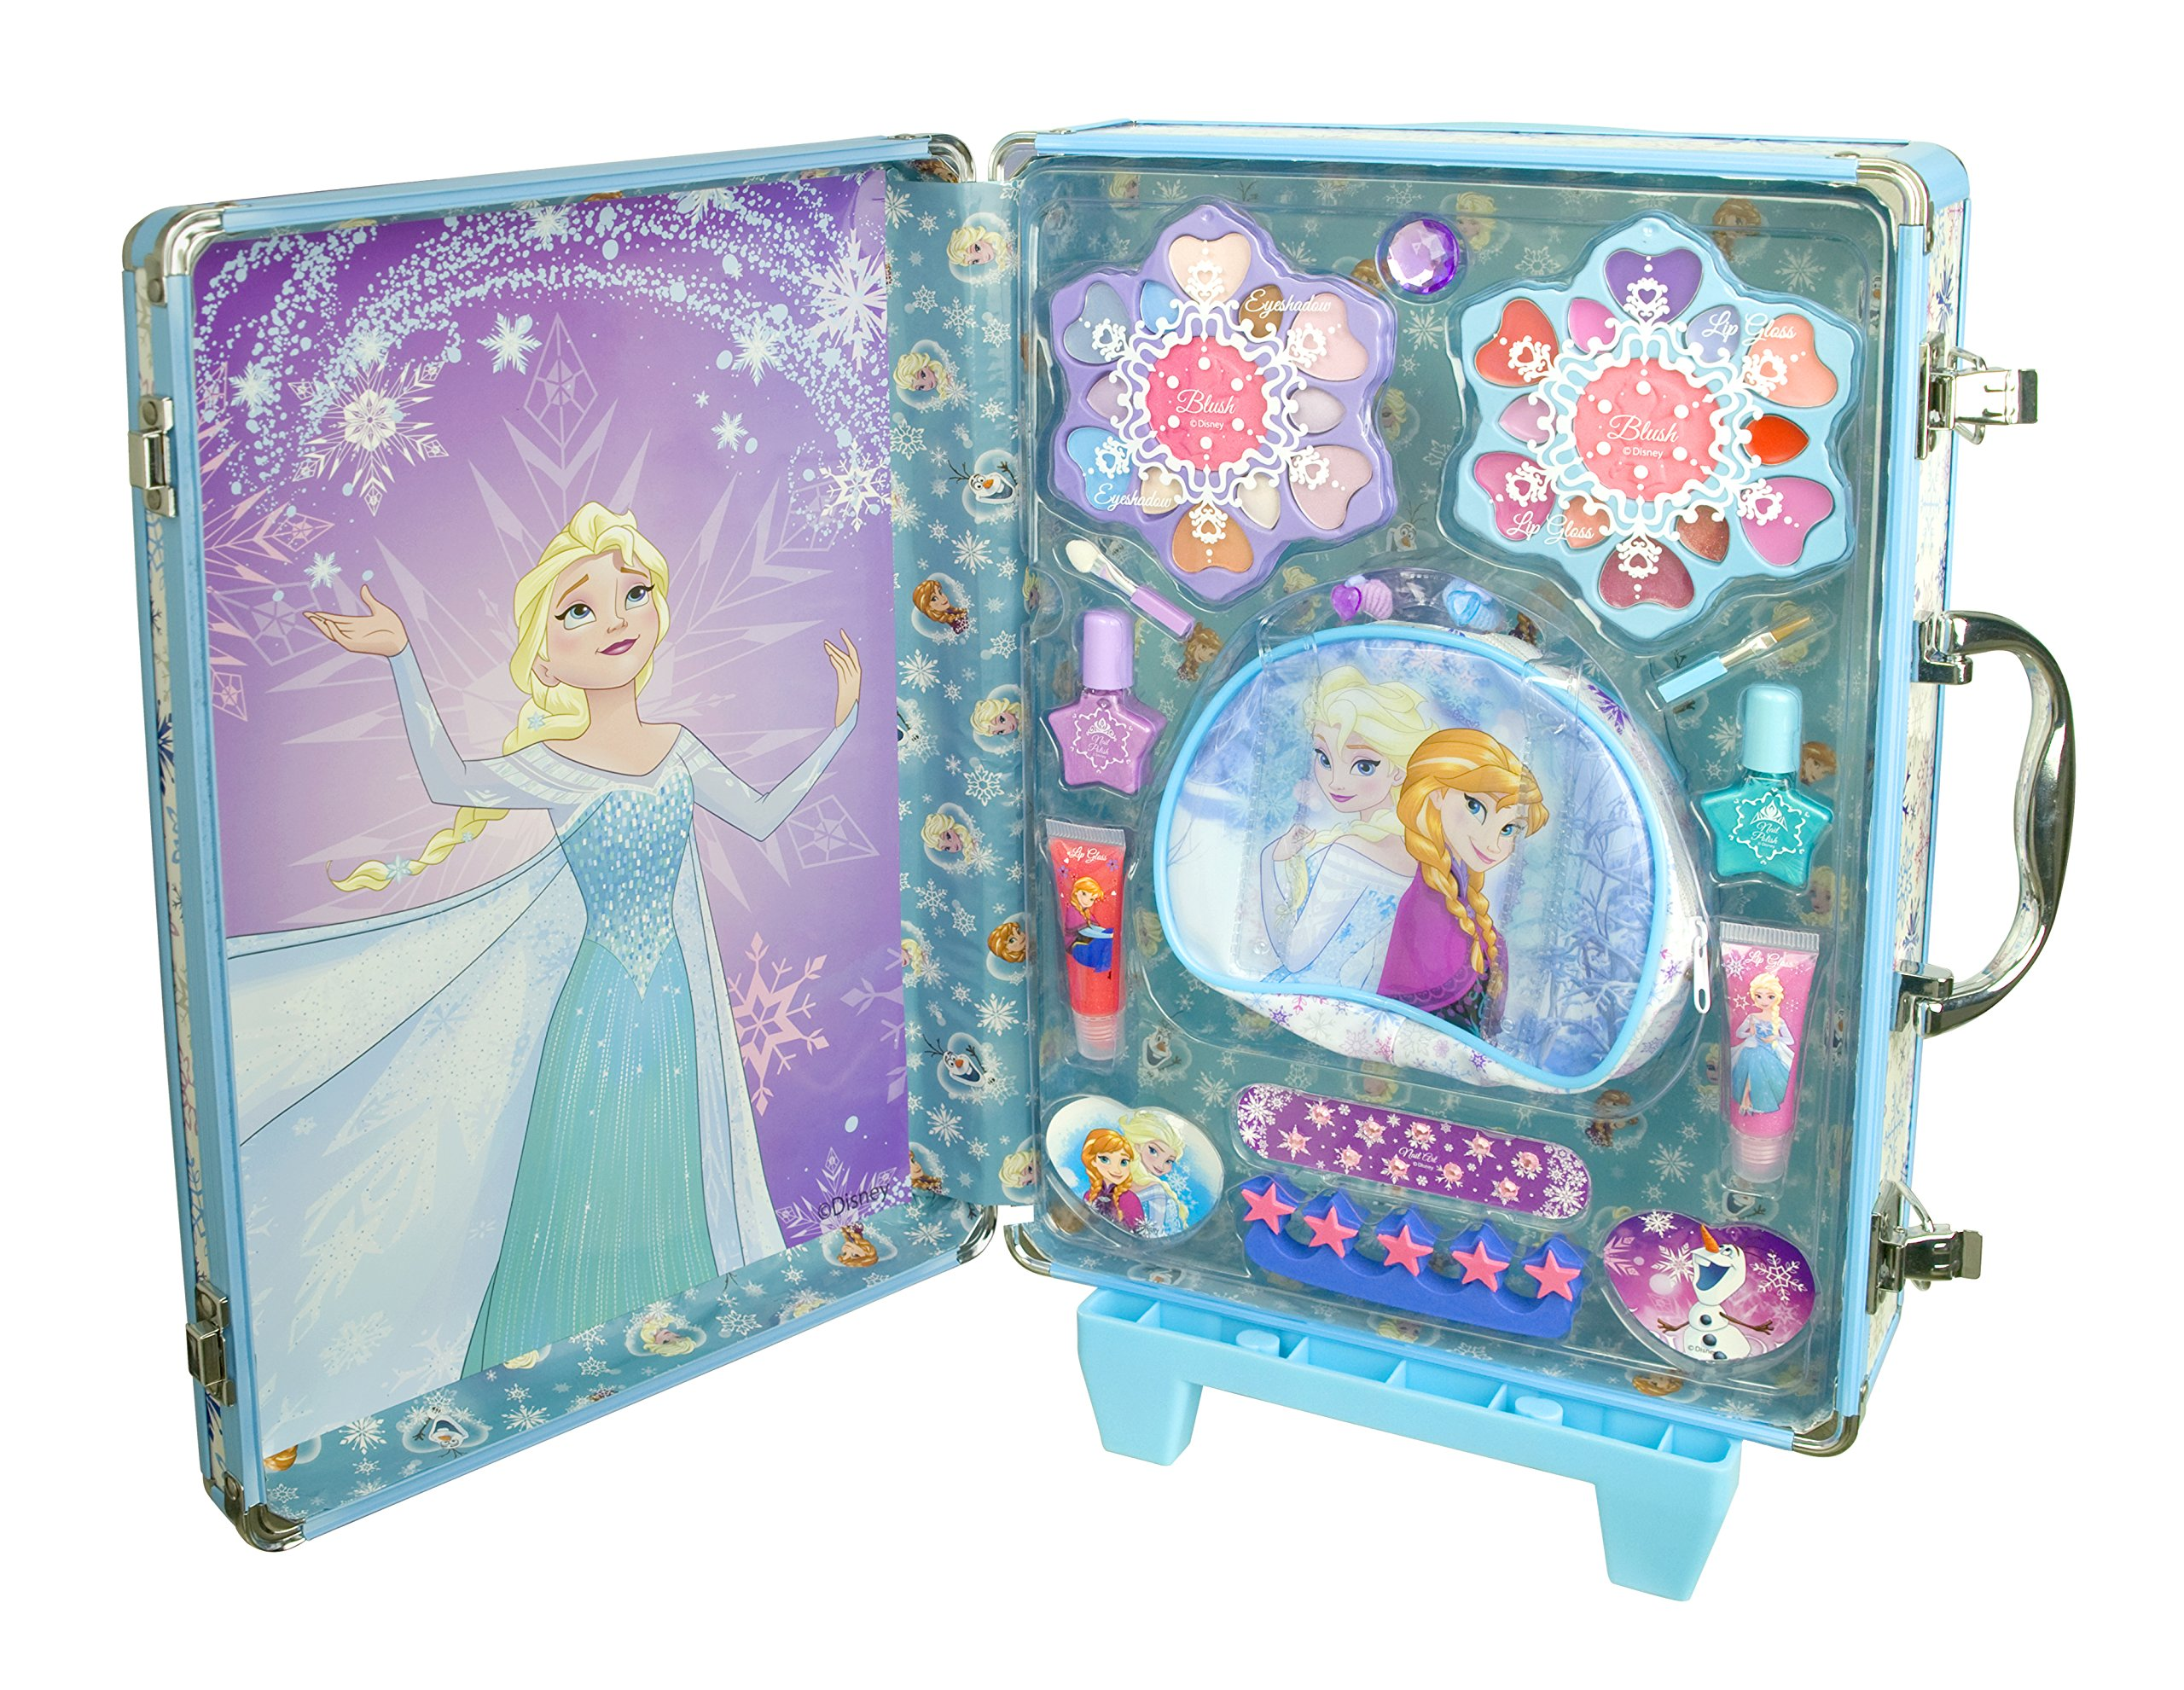 Disney Frozen - Icy Adventures Beauty Trolley, pack de maquillaje (Markwins 9607310): Amazon.es: Juguetes y juegos